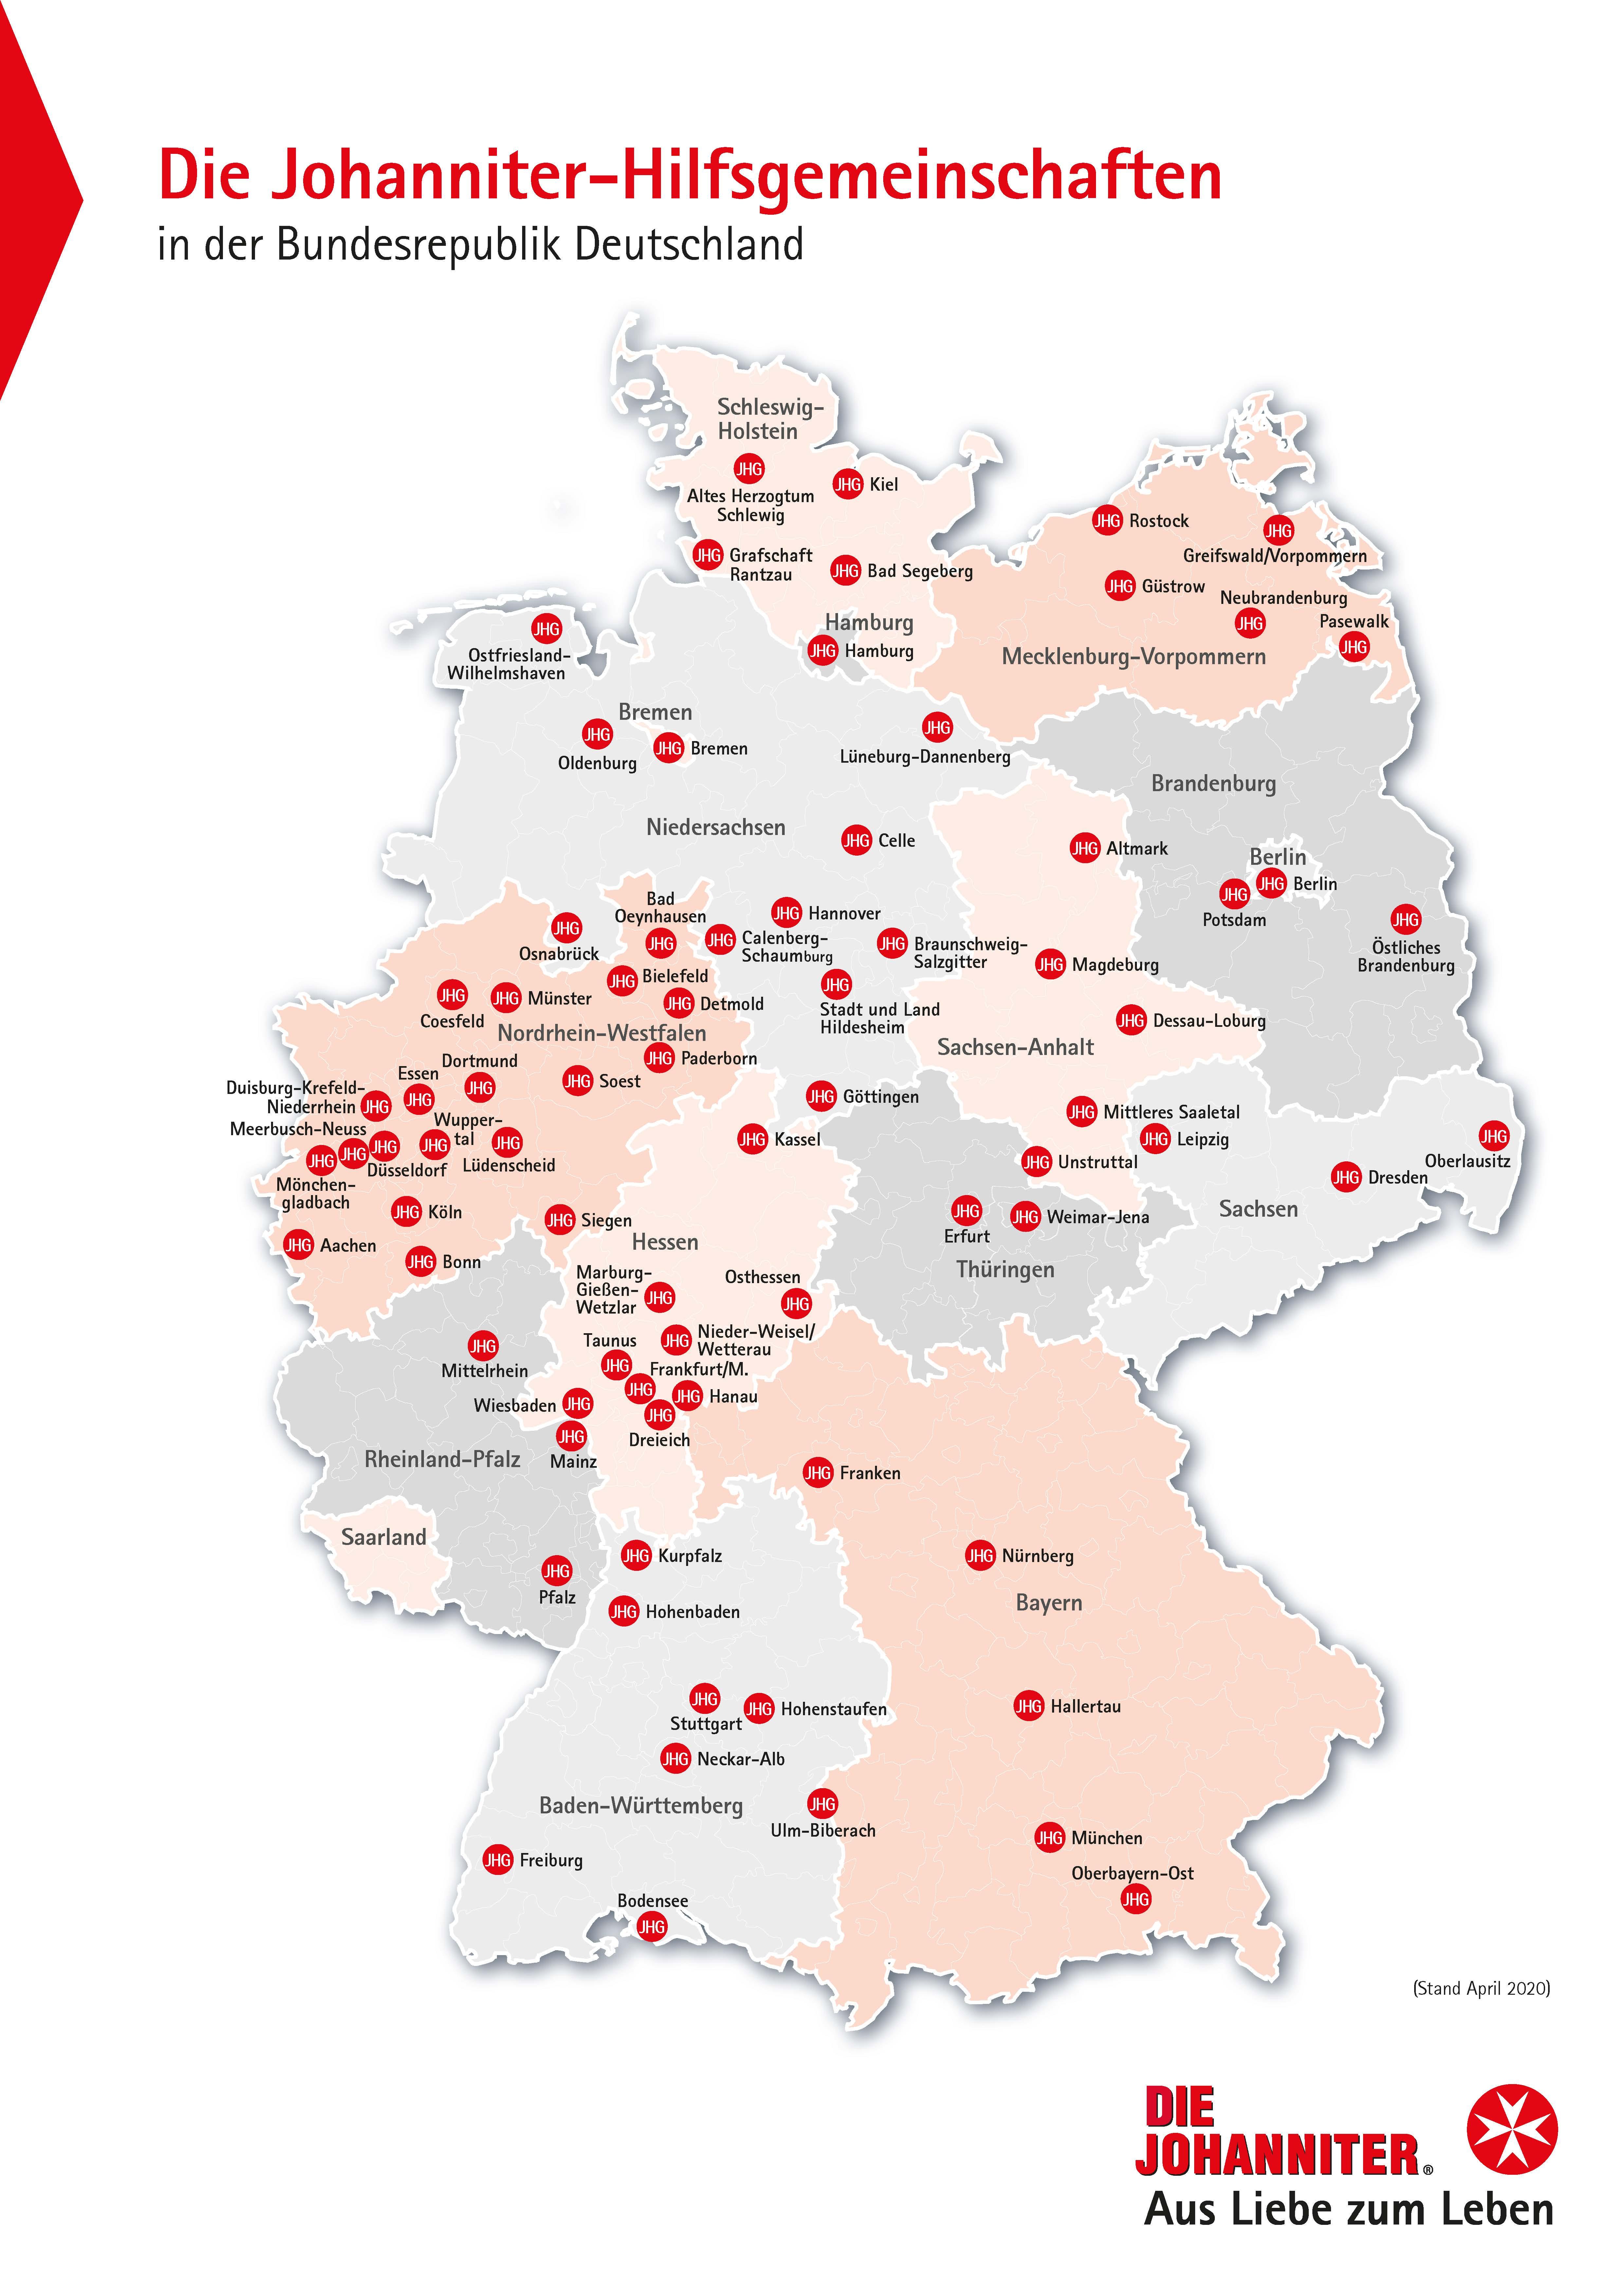 Johanniter Hilfsgemeinschaft